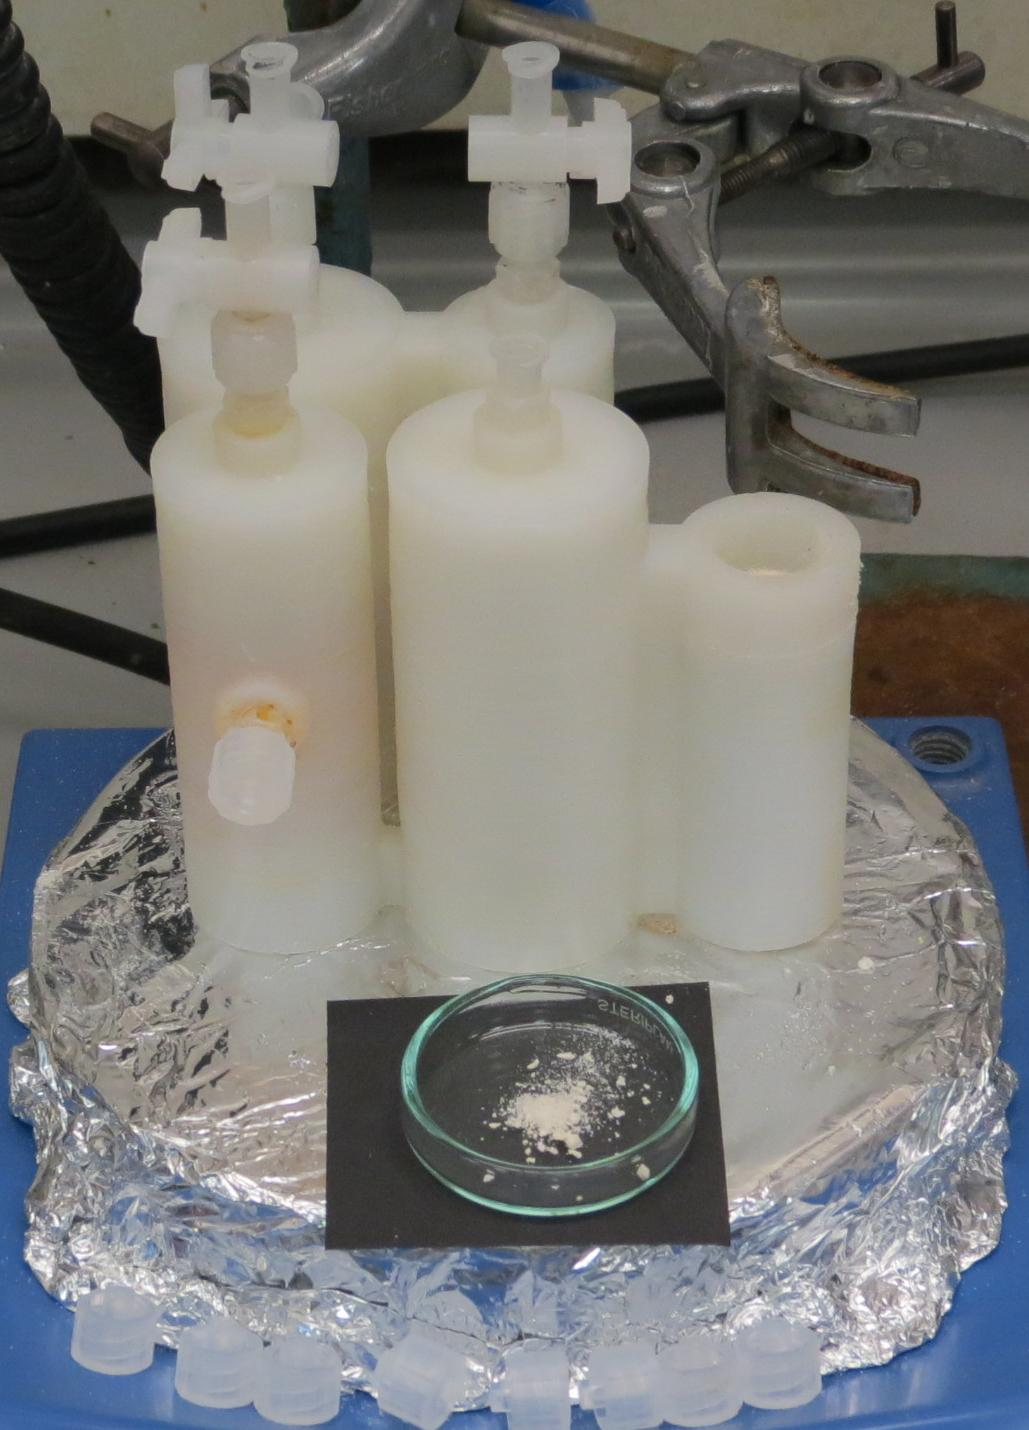 Auf einer silbernen Schale stehen mehrere weiße Zylinder, die miteinander verbunden sind. Davor liegt in einer Glasschale ein helles Pulver.